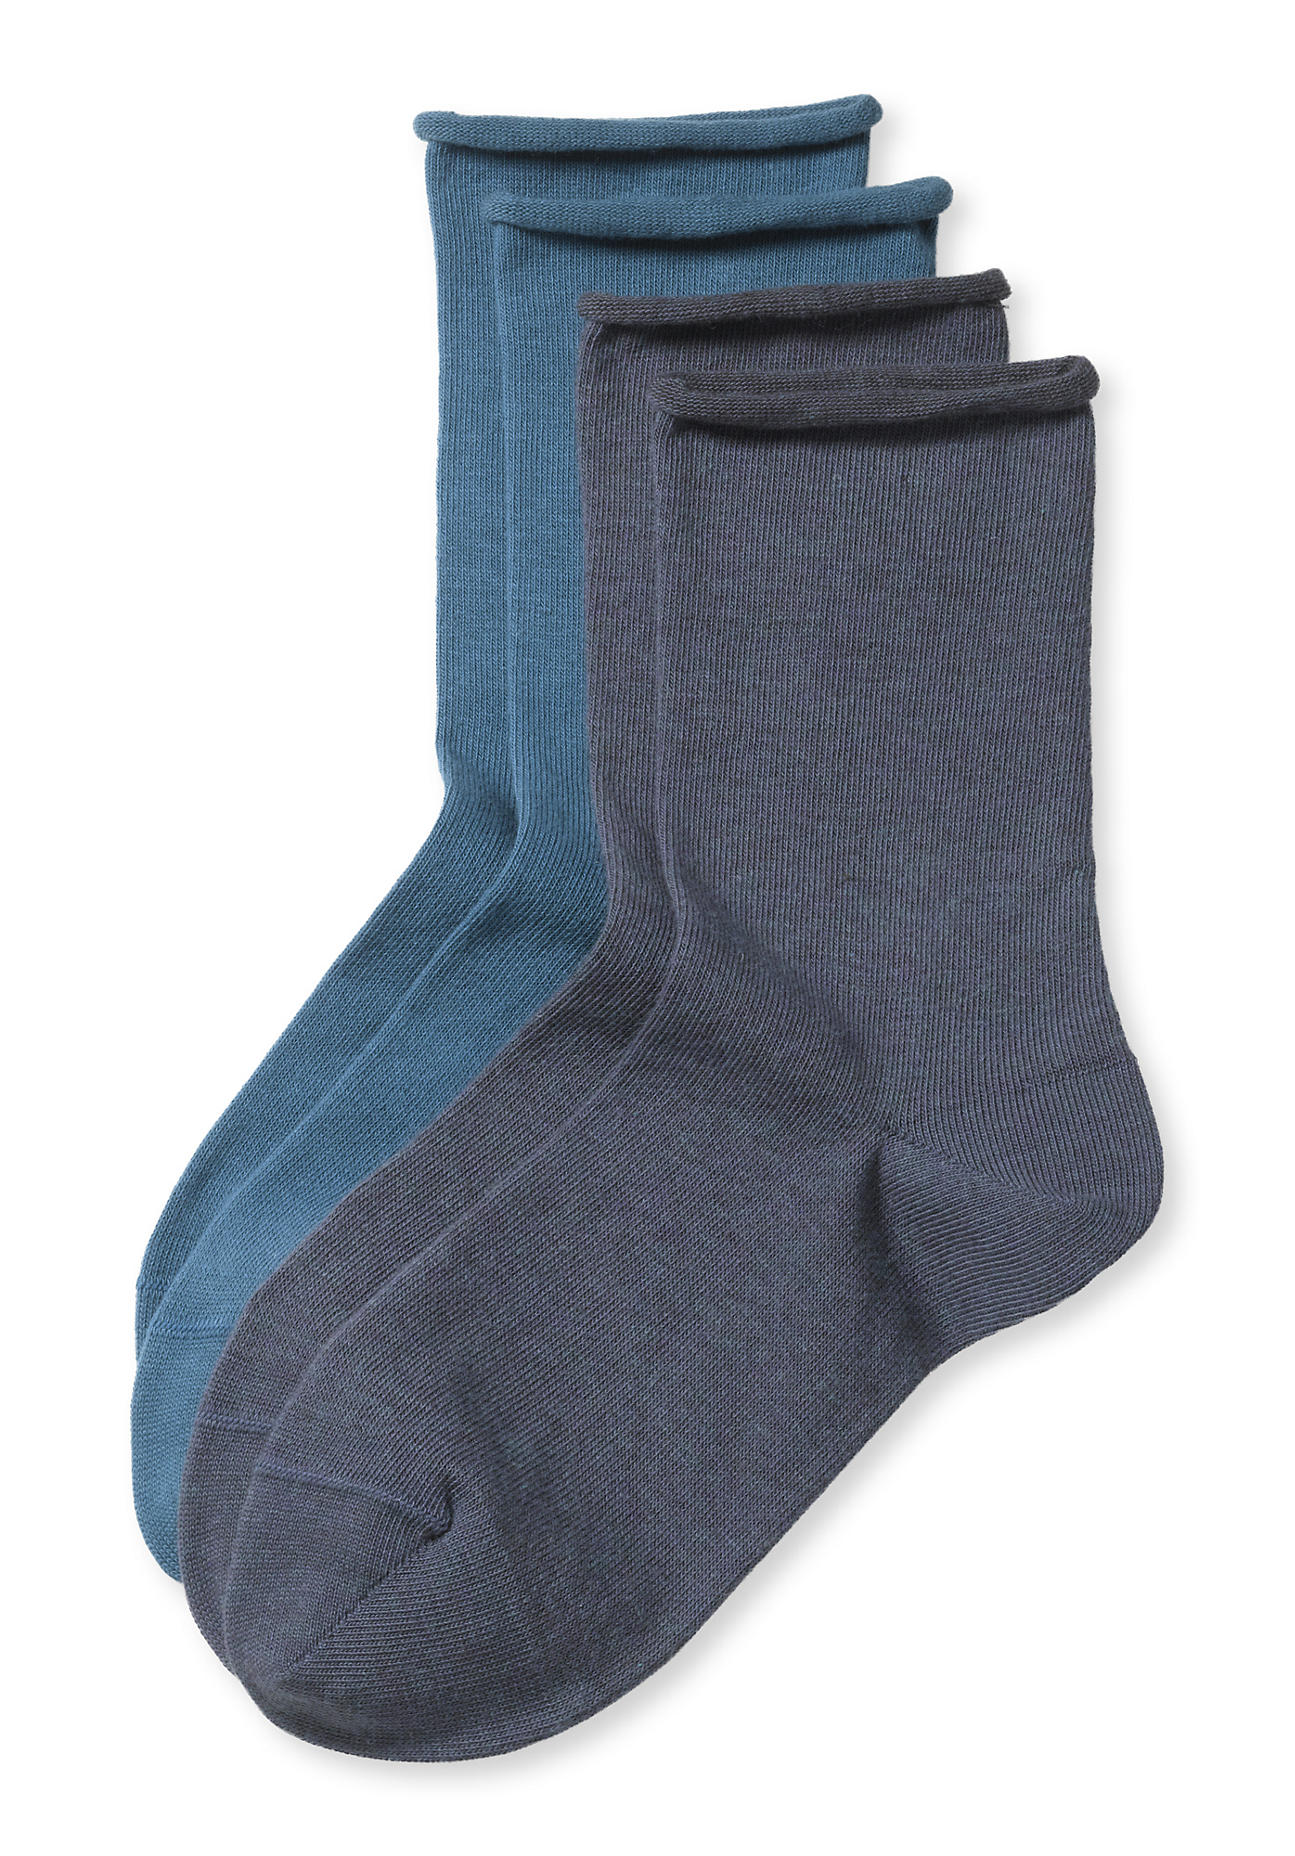 Socken für Frauen - hessnatur Damen Socke im 2er Pack aus Bio Baumwolle – blau –  - Onlineshop Hessnatur